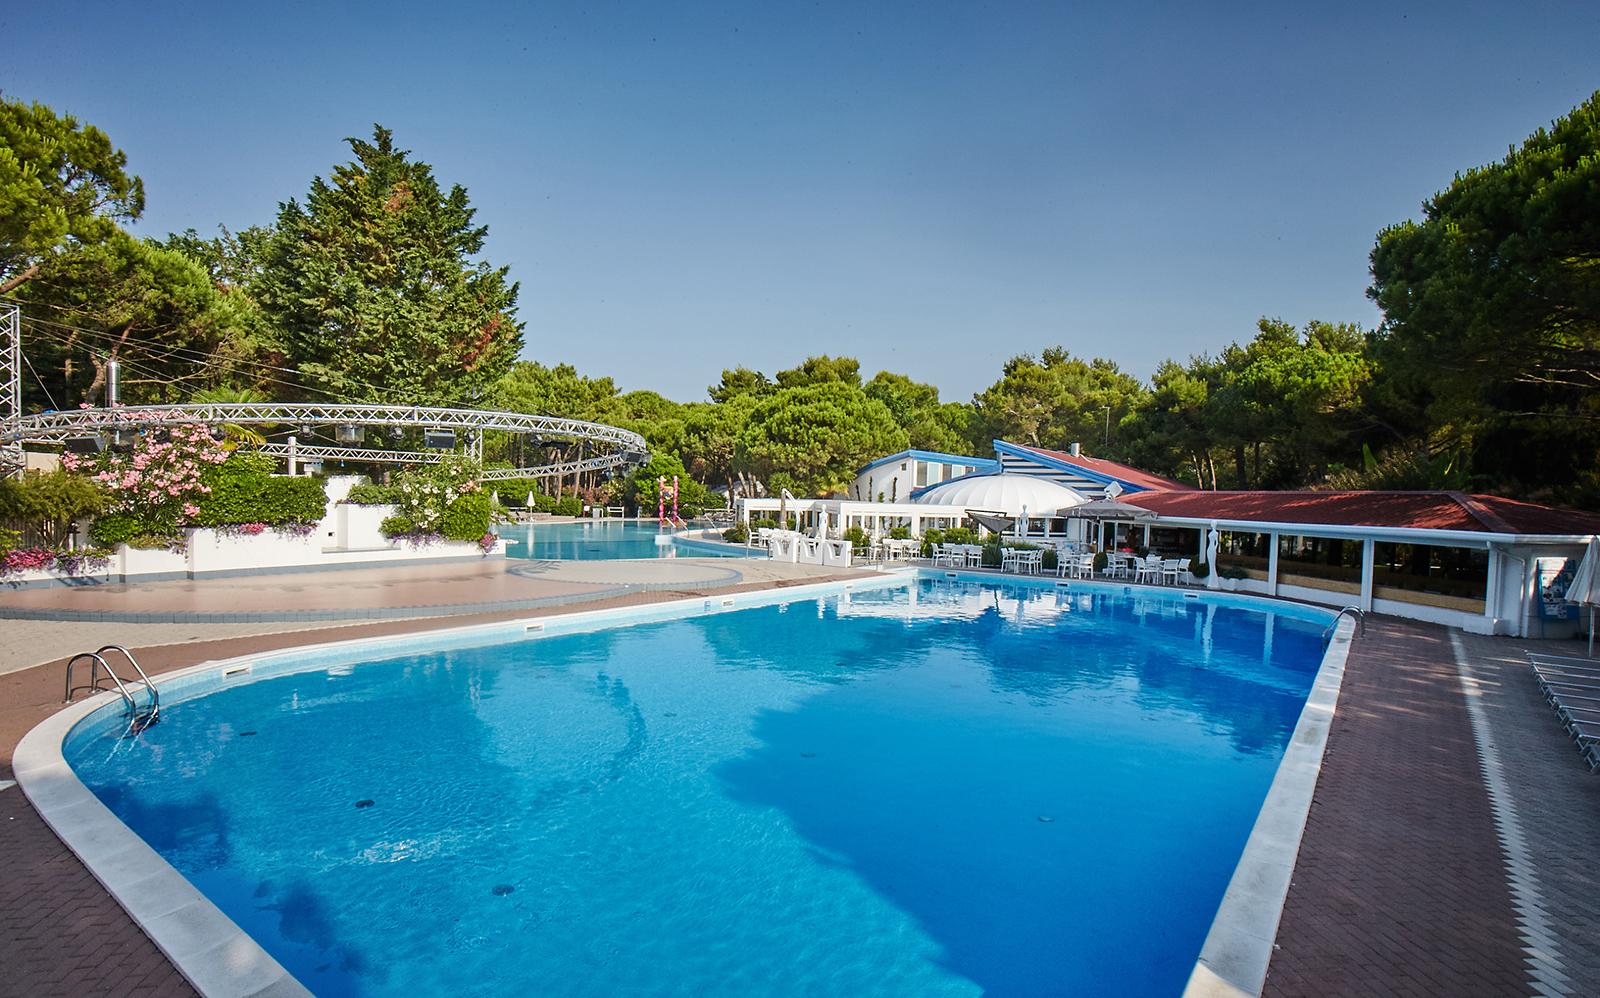 2-Camping-village-dei-fiori-piscina-ristorante